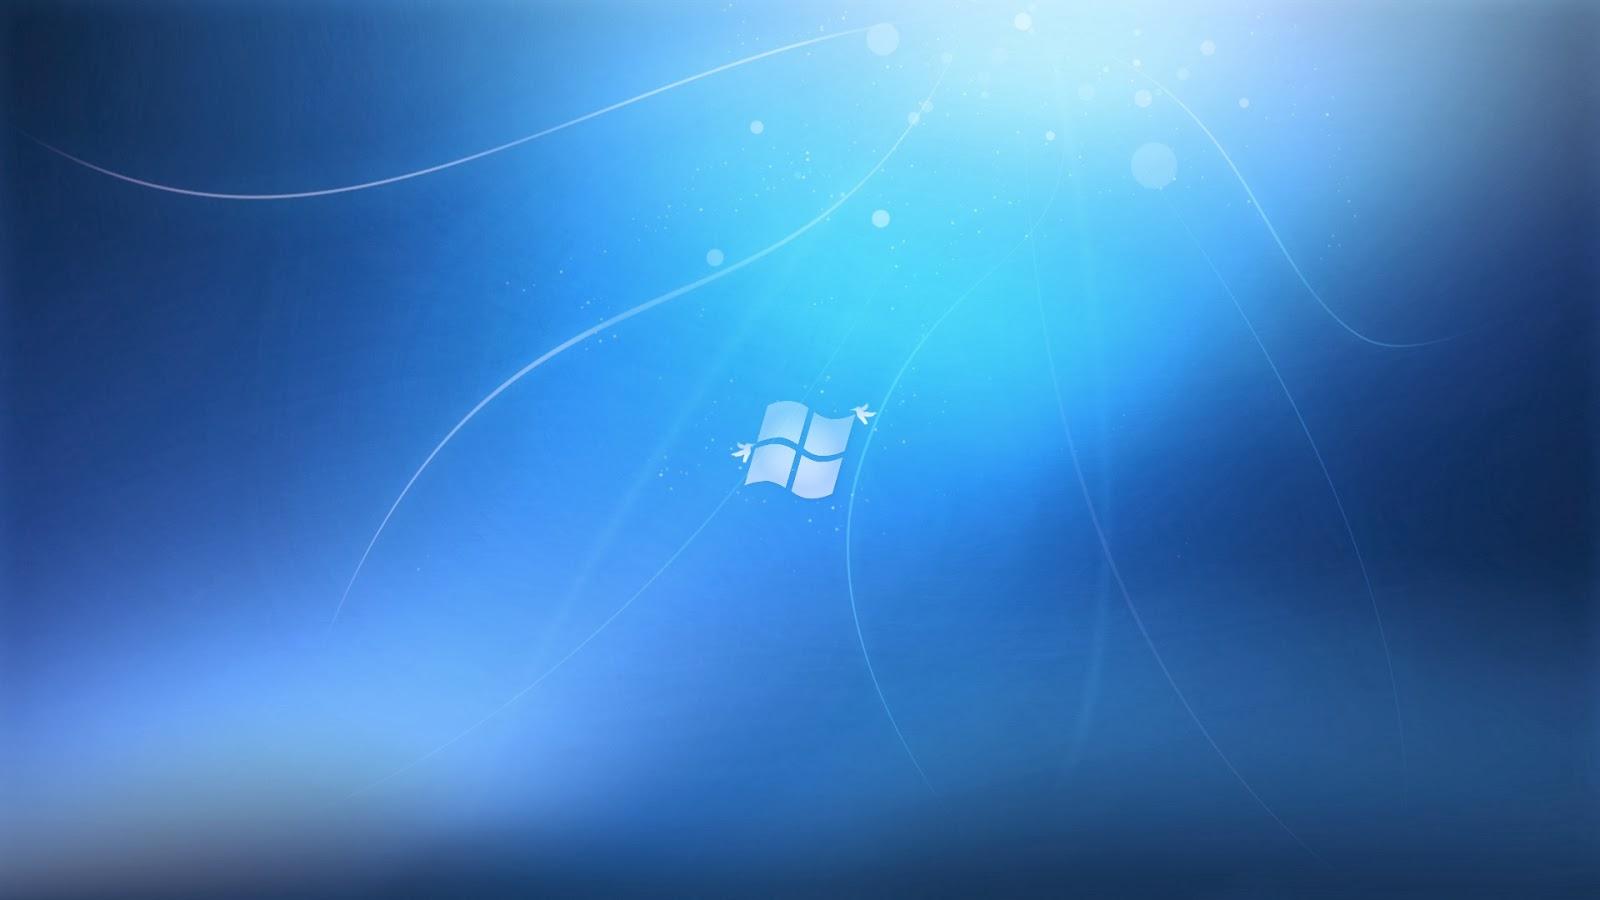 Windows HD Wallpaper 1920x1080 1600x900